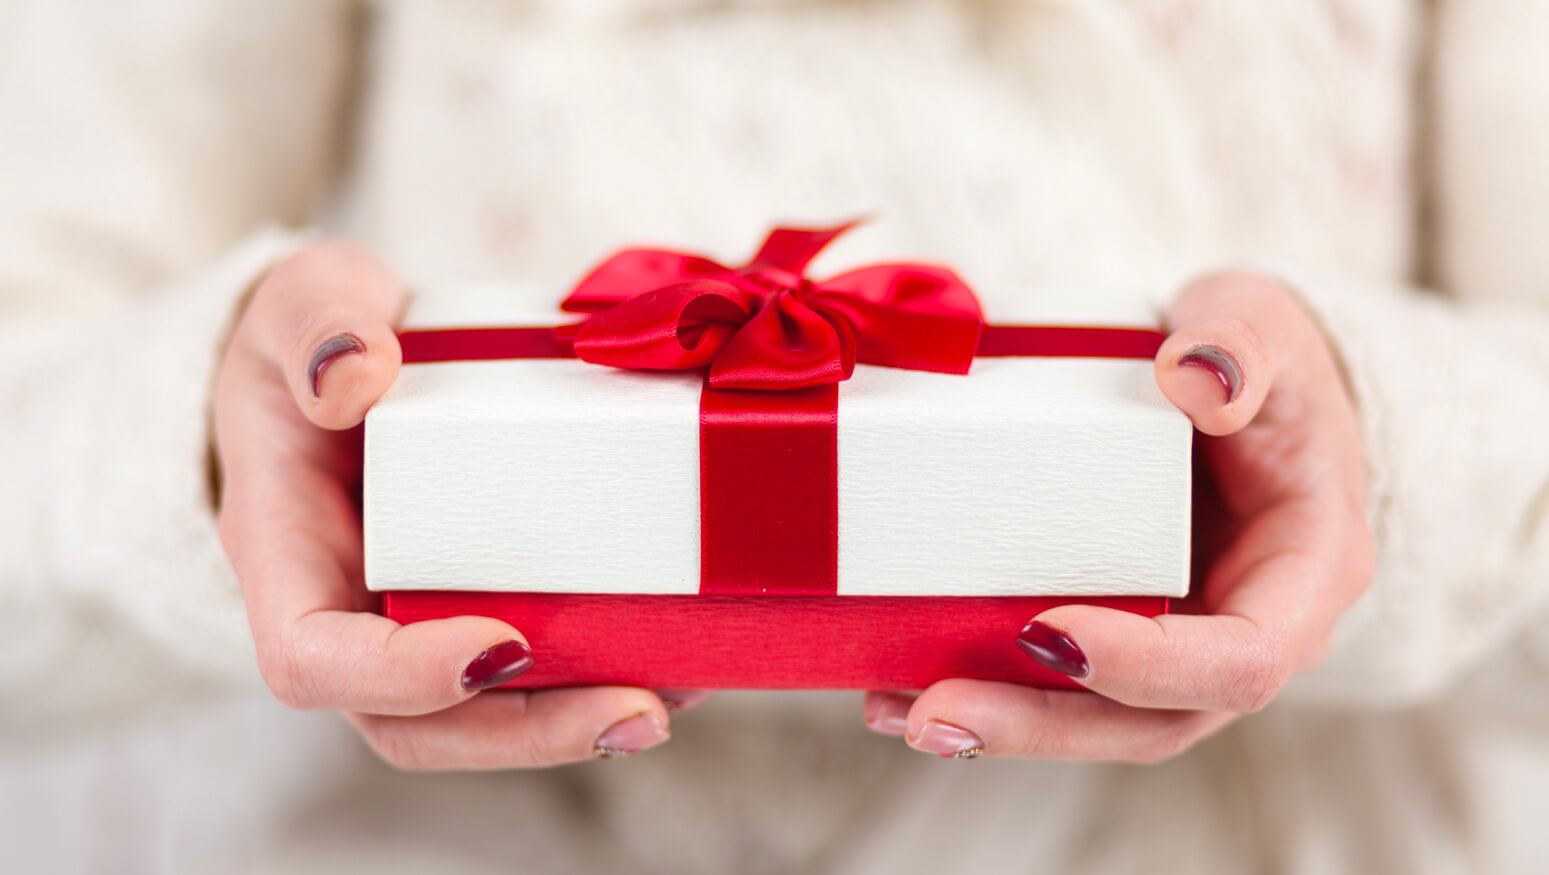 ดูแลตัวเอง_ไอเดียของขวัญ